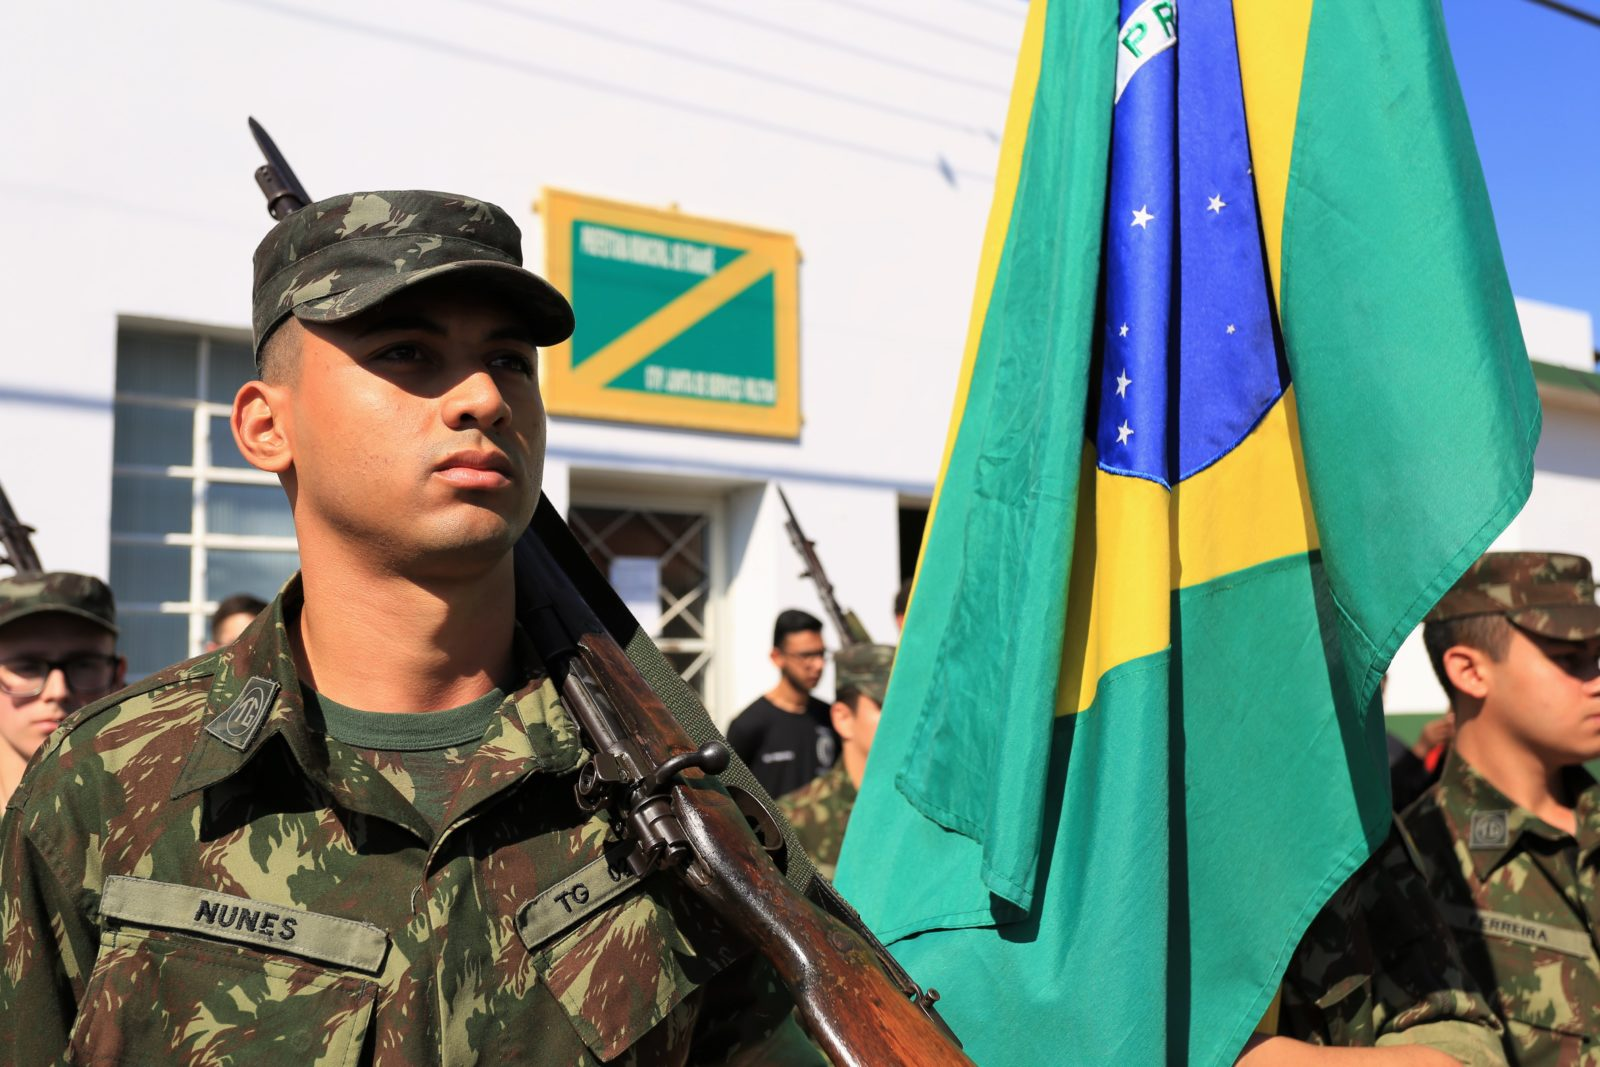 Tiro de Guerra de Itararé (SP) realiza solenidade em comemoração ao Dia da Bandeira